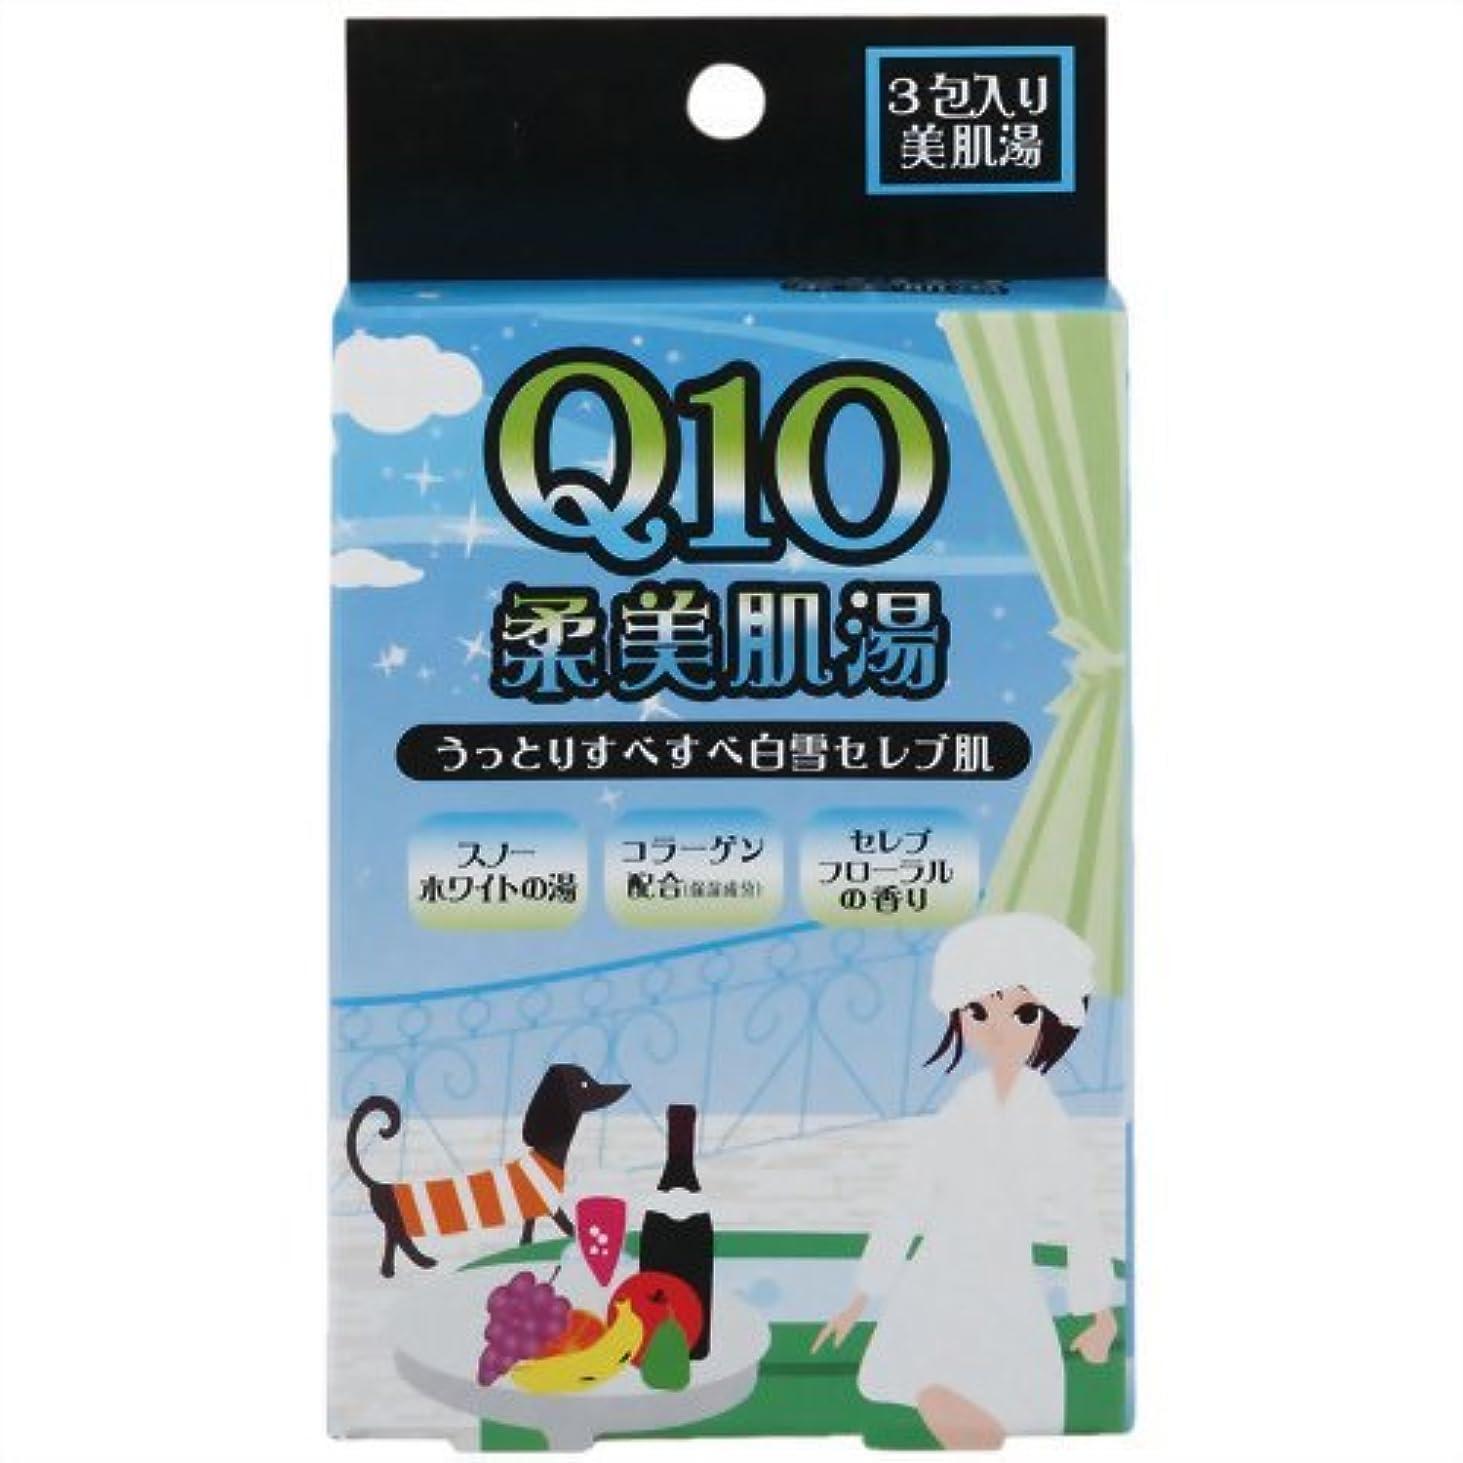 狼識字キャベツ紀陽除虫菊 Q10 柔美肌湯 (セレブフローラルの香り)【まとめ買い10個セット】 N-8372